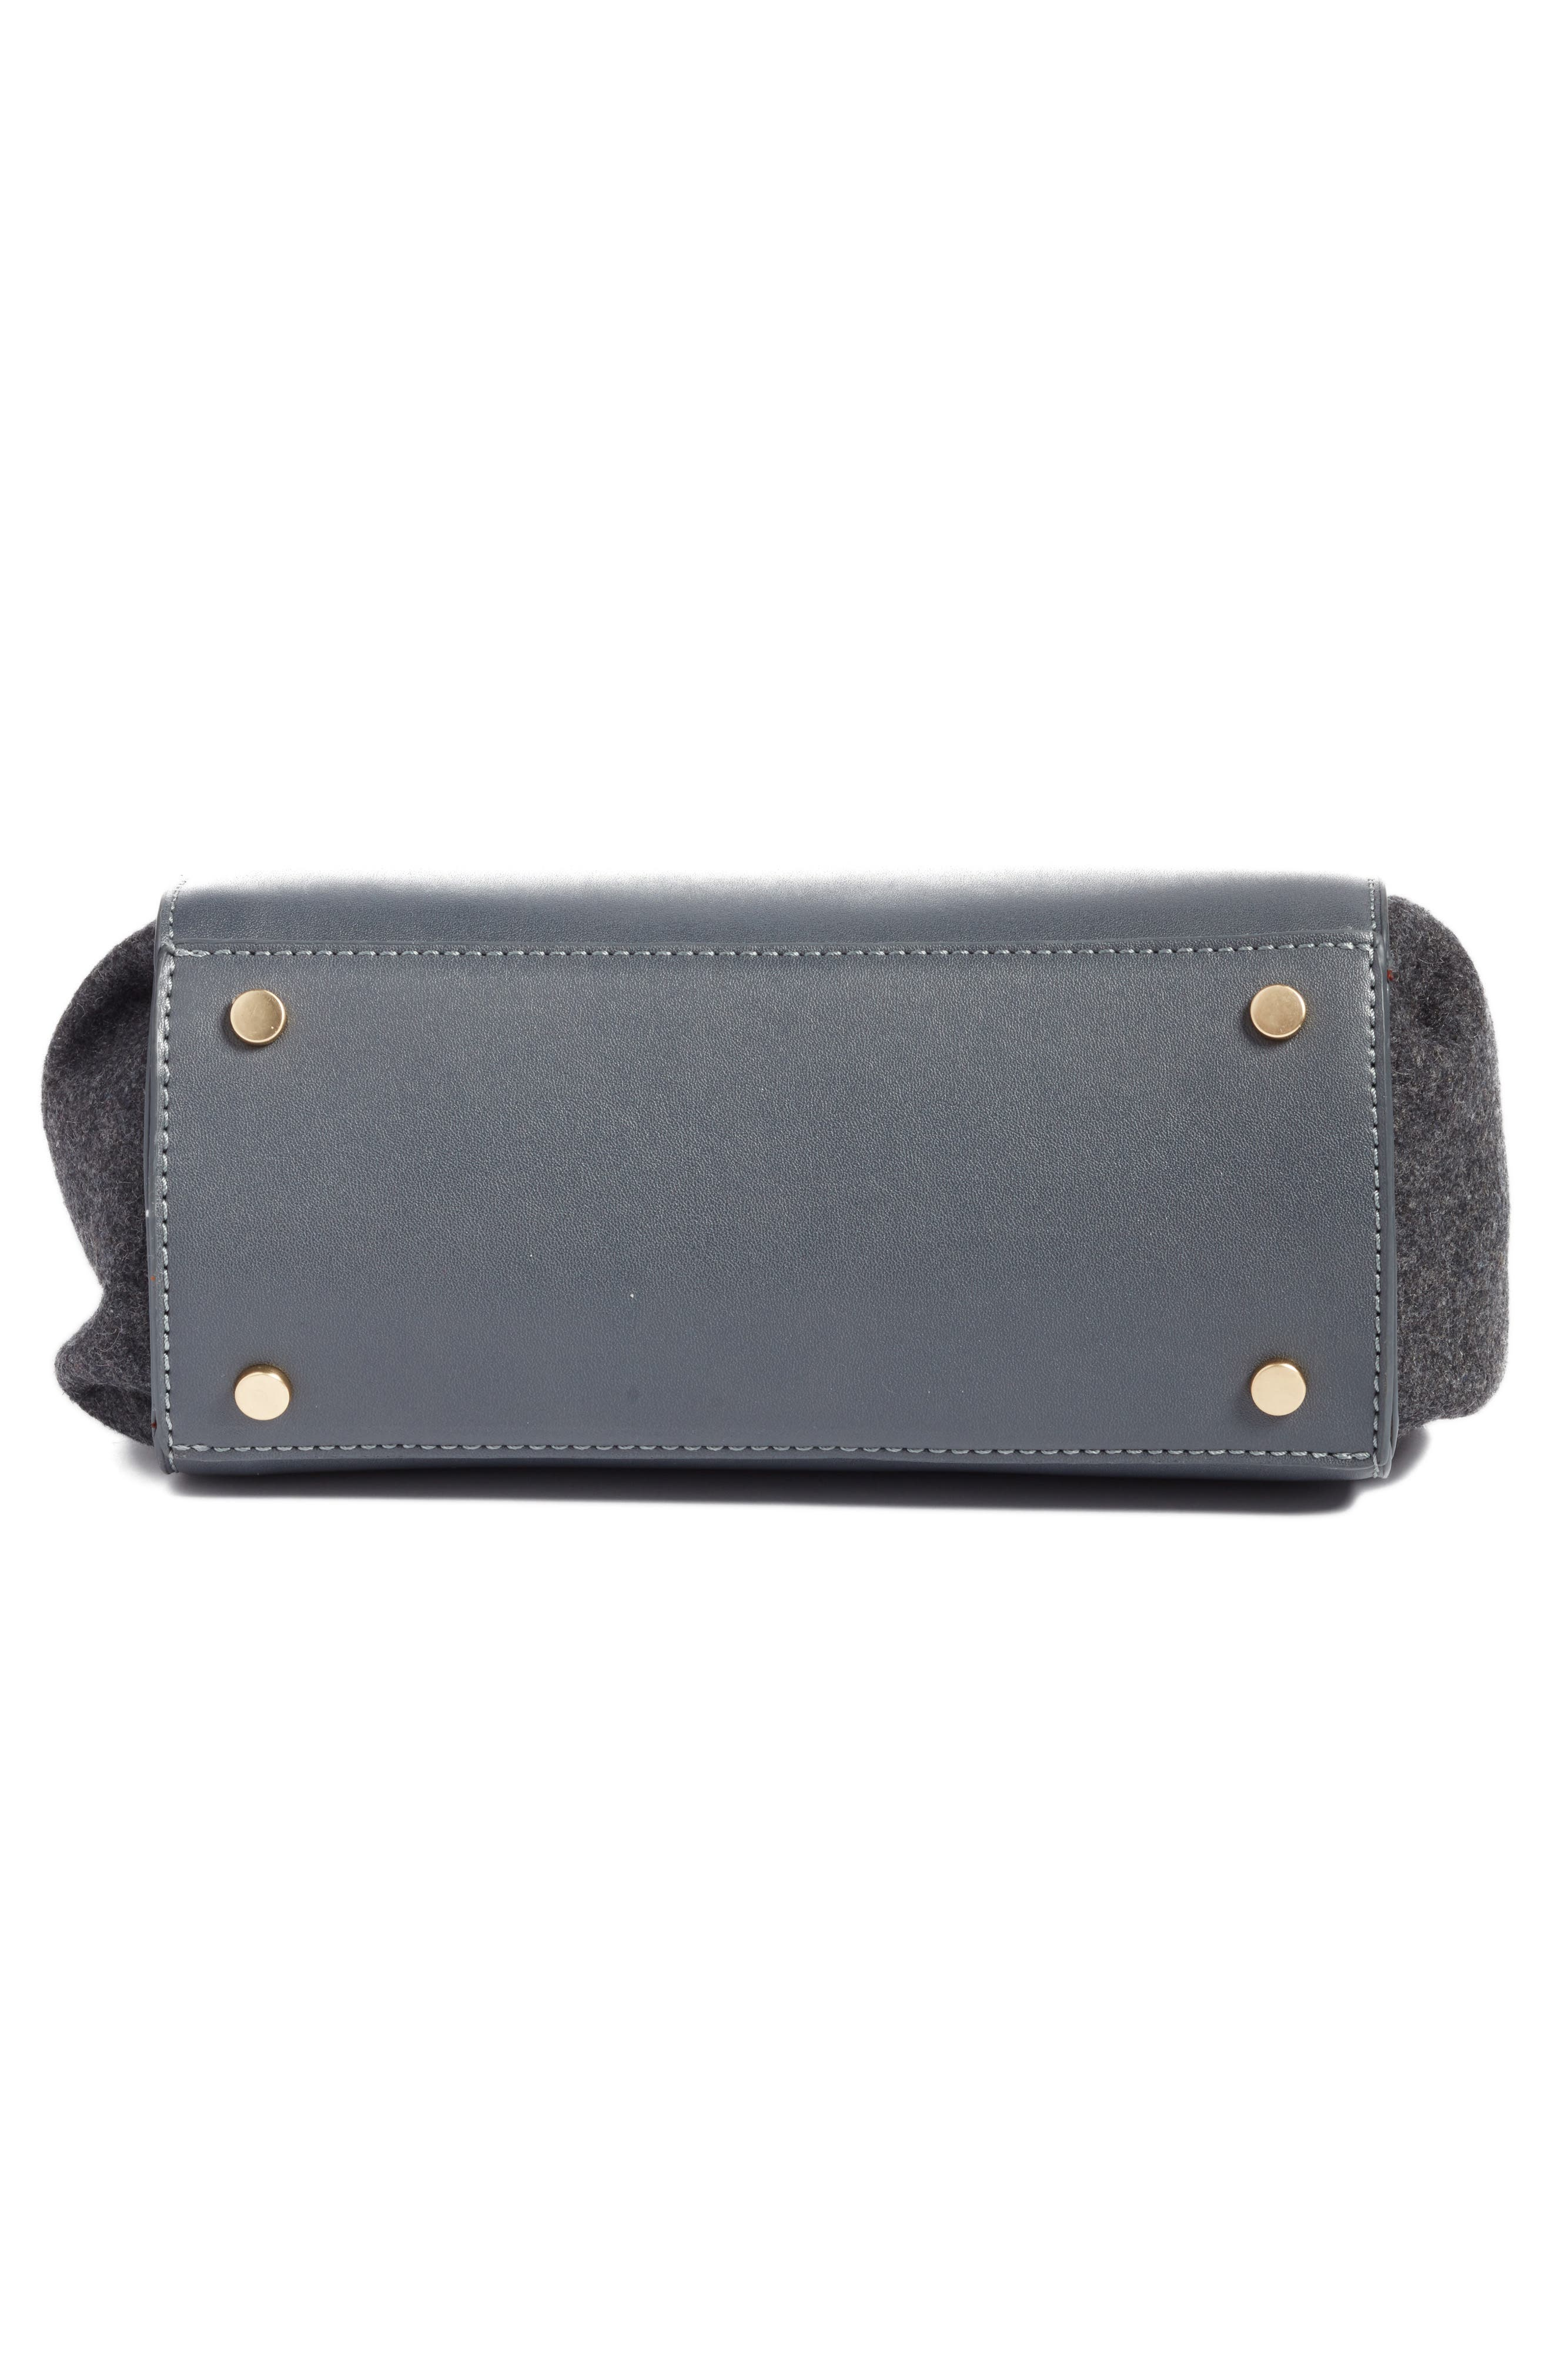 Faux Leather & Flannel Satchel,                             Alternate thumbnail 4, color,                             Black Grey Flannel